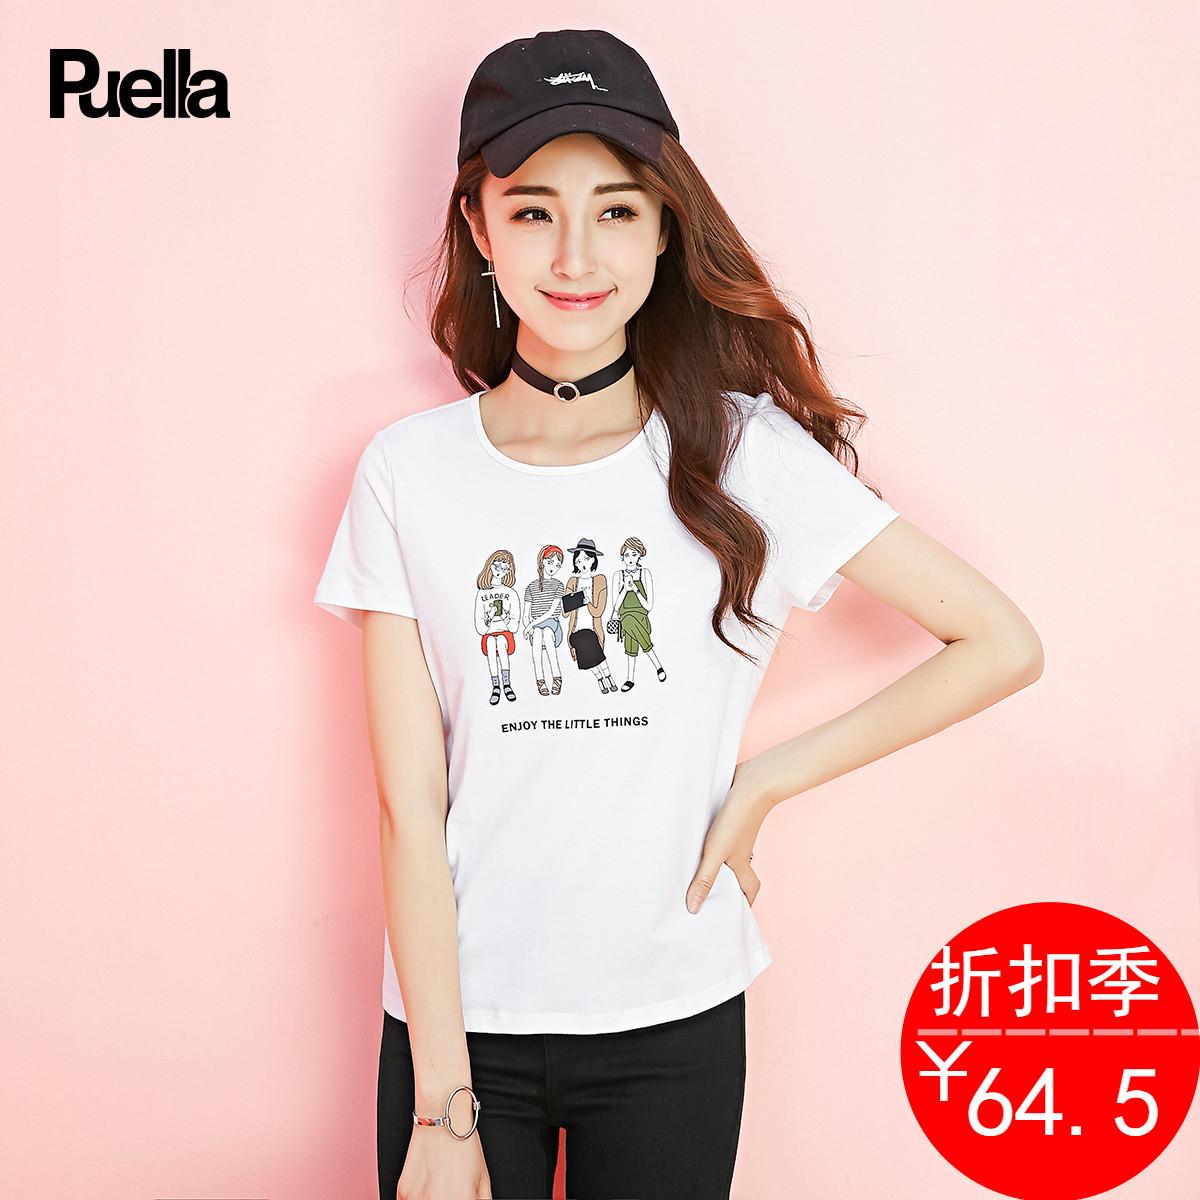 拉夏贝尔puella普埃拉2016秋装新品休闲修身短袖T恤女20300003